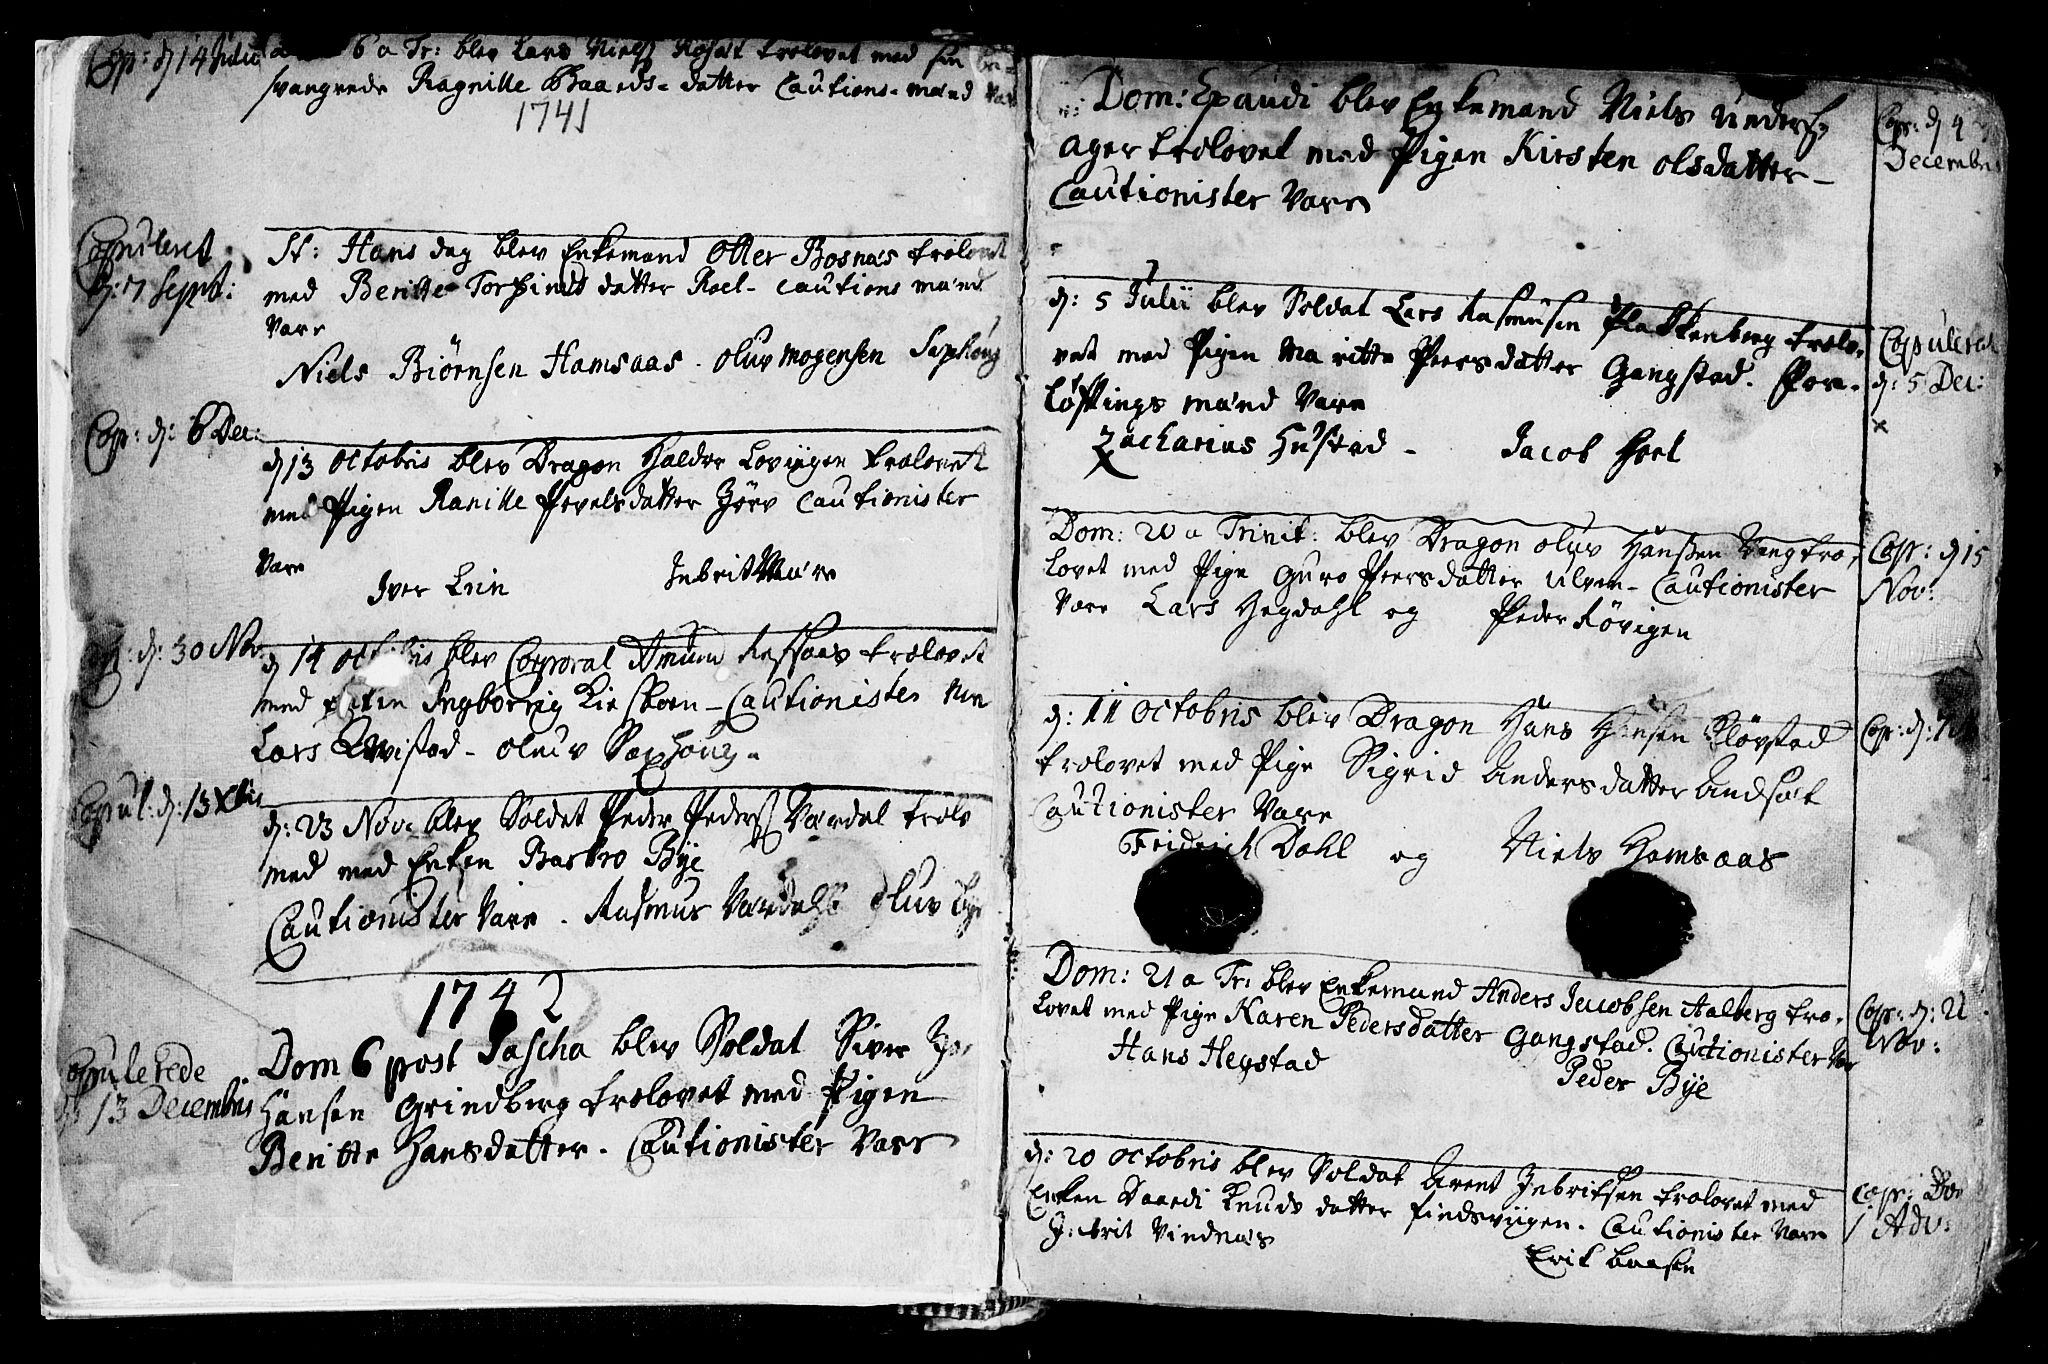 SAT, Ministerialprotokoller, klokkerbøker og fødselsregistre - Nord-Trøndelag, 730/L0272: Ministerialbok nr. 730A01, 1733-1764, s. 2